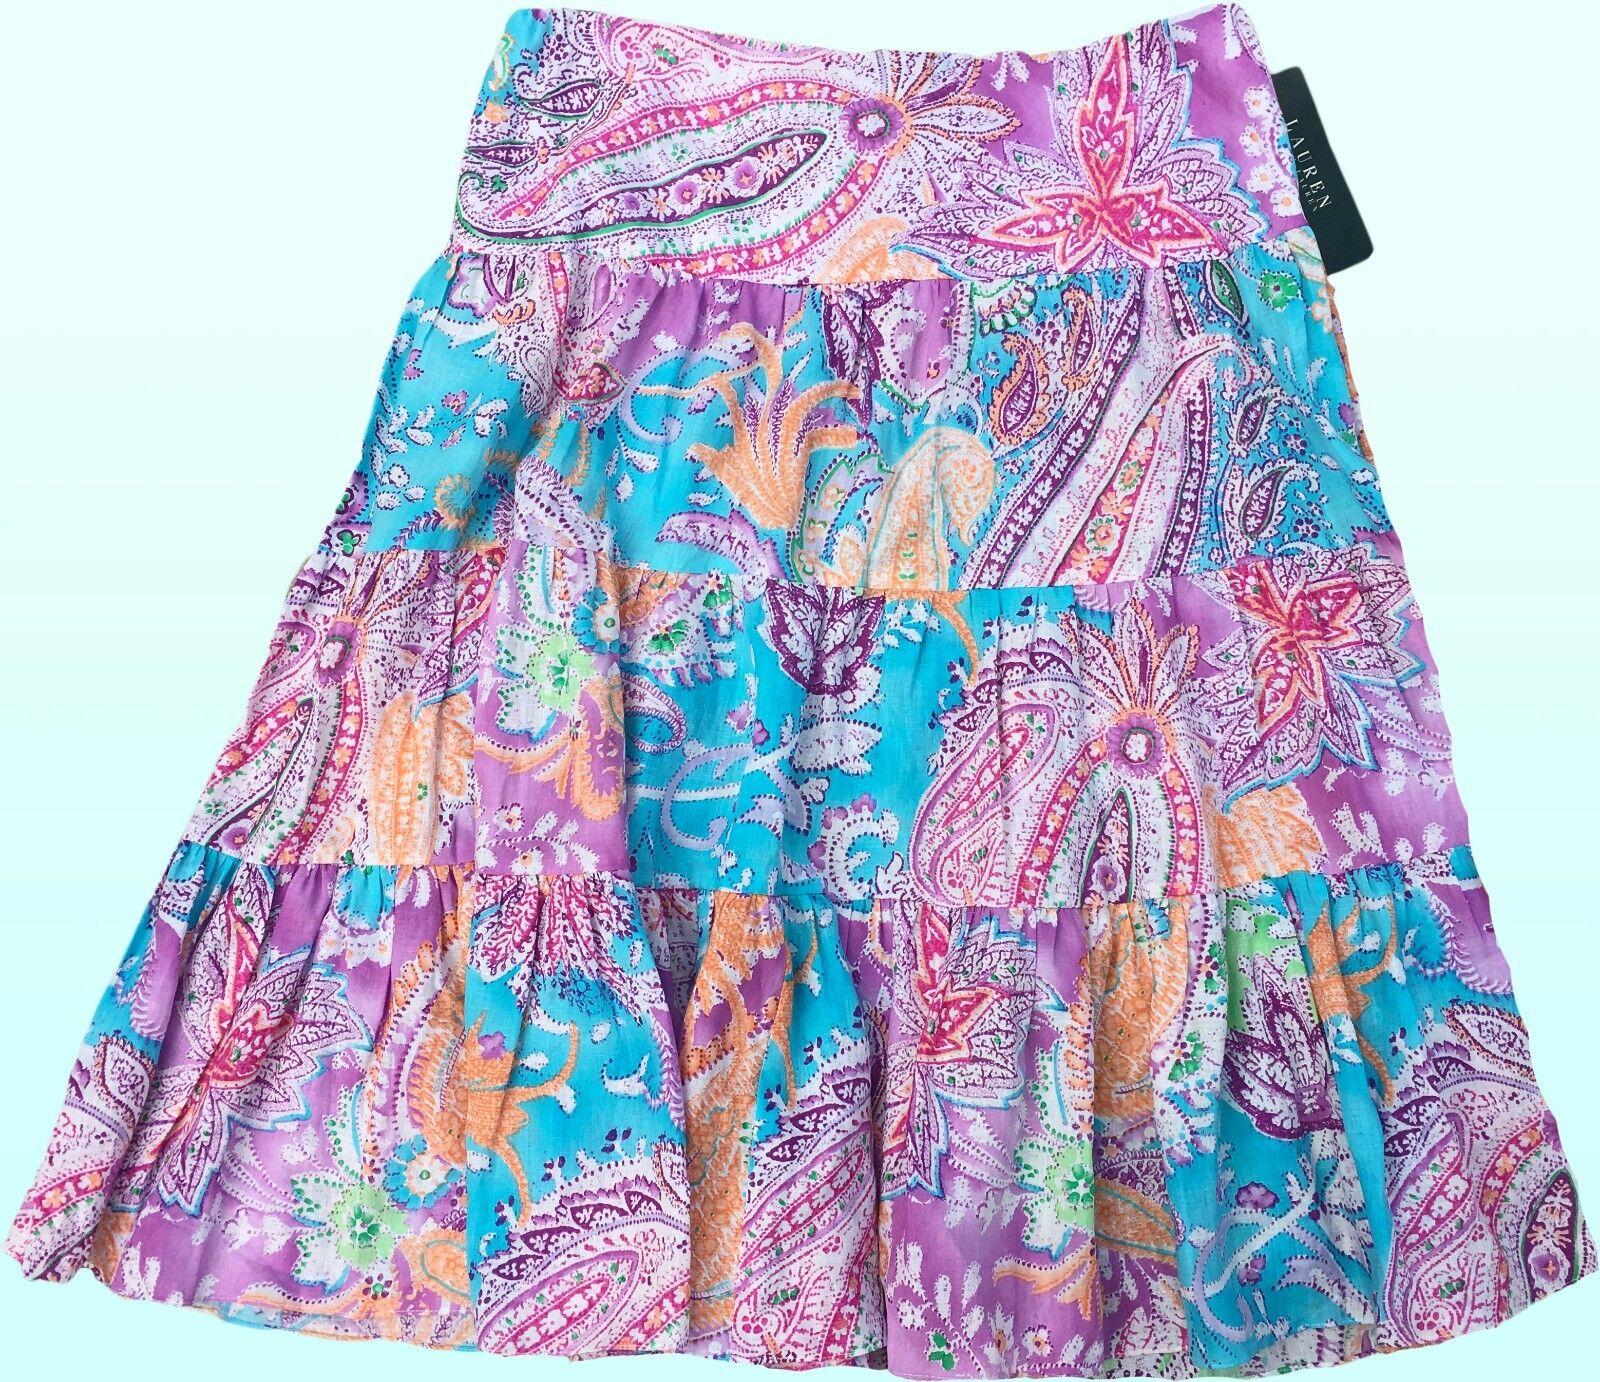 139 Ralph Lauren Moriah Sugar Plum Multi Paisley Tiered Linen Skirt XL